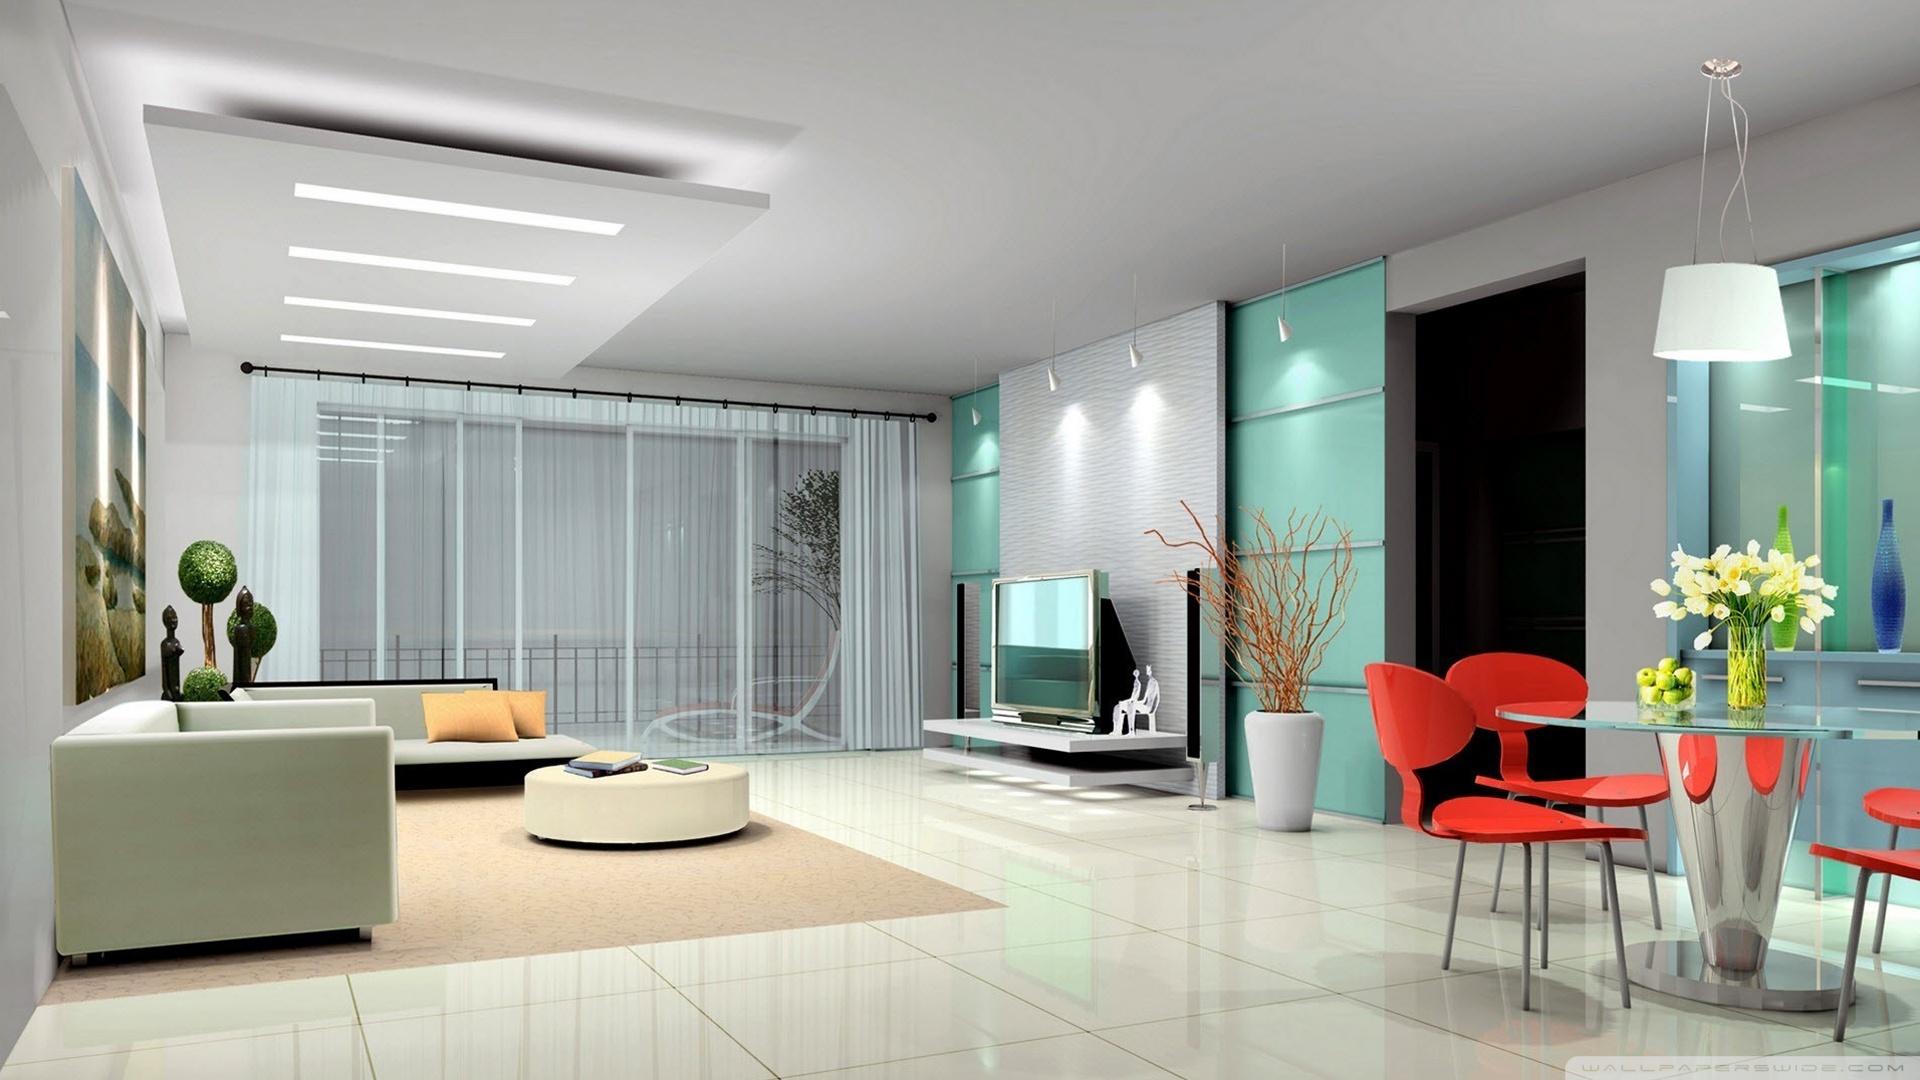 living_room_3d_model-wallpaper-1920x1080